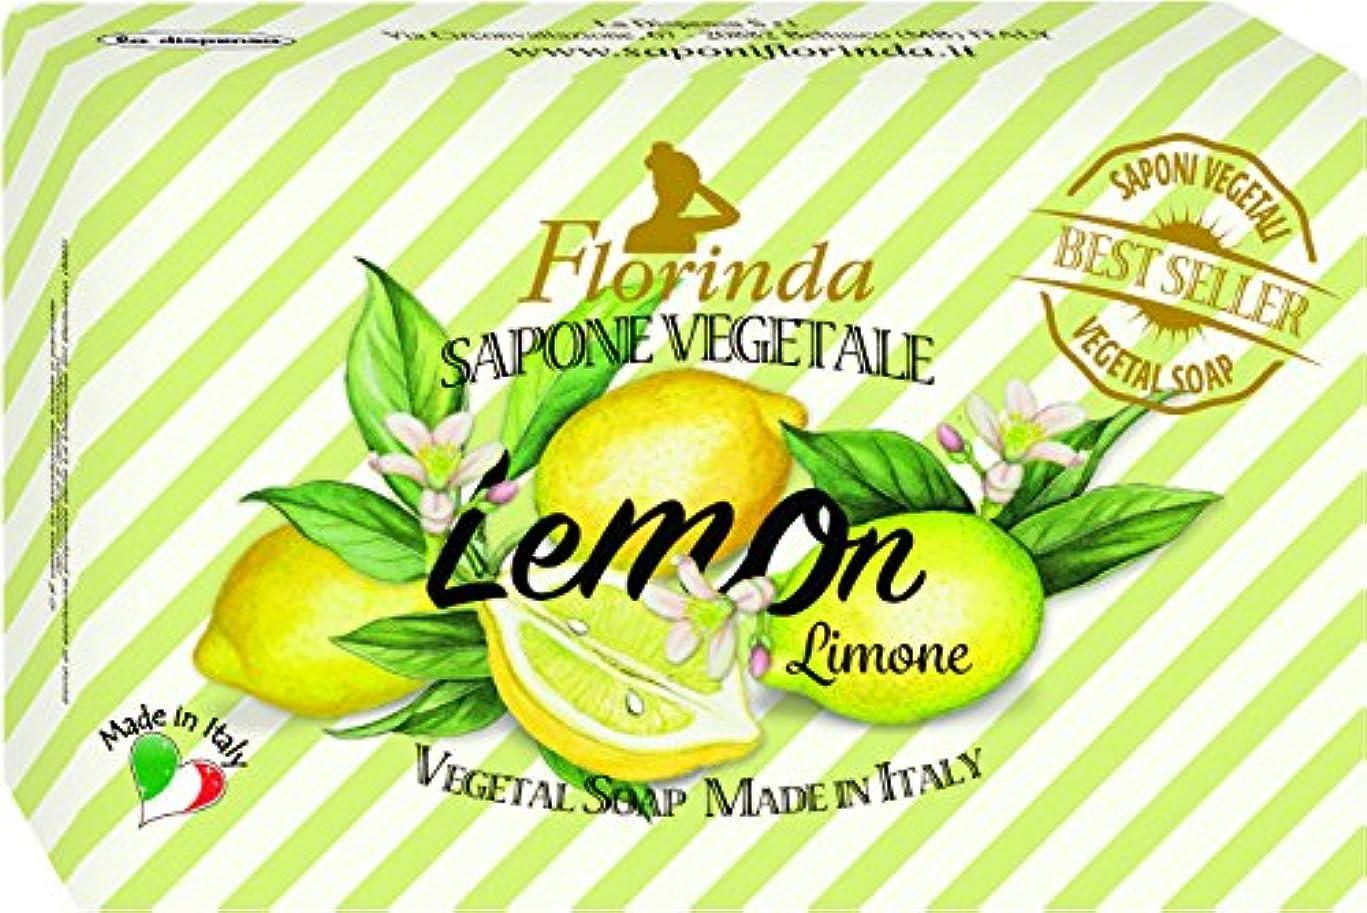 周囲ダニ褒賞フレグランスソープ ベストセラーシリーズ レモン